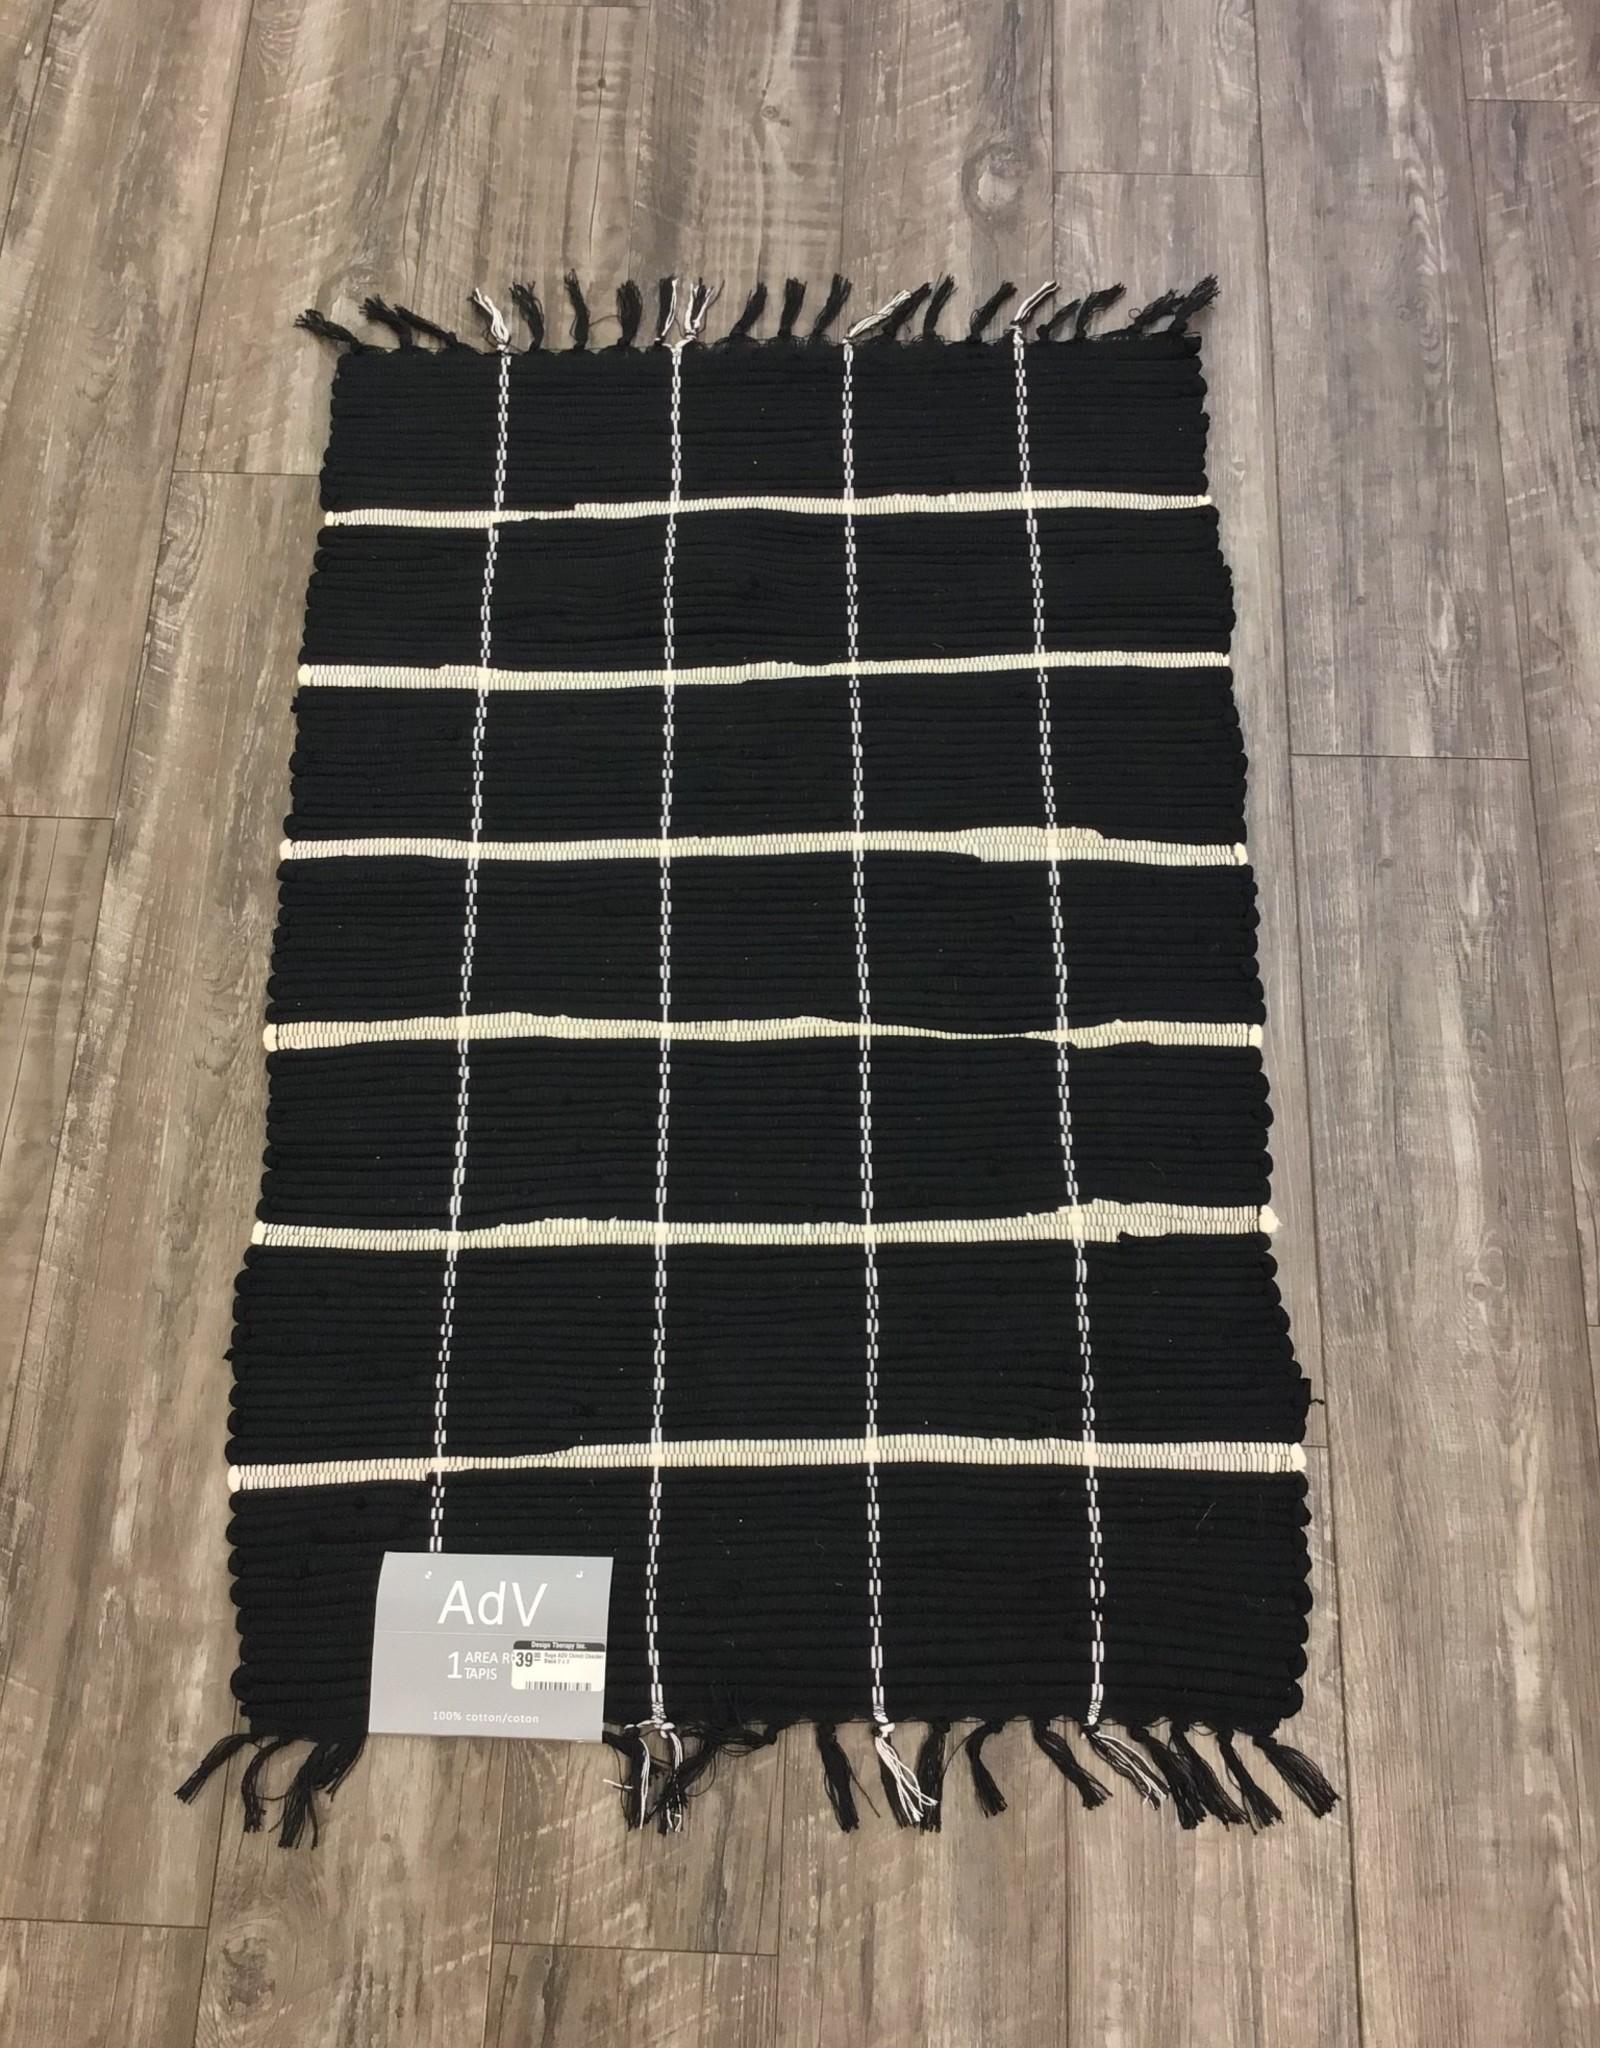 Rugs ADV Chindi Checker Black 2 x 3